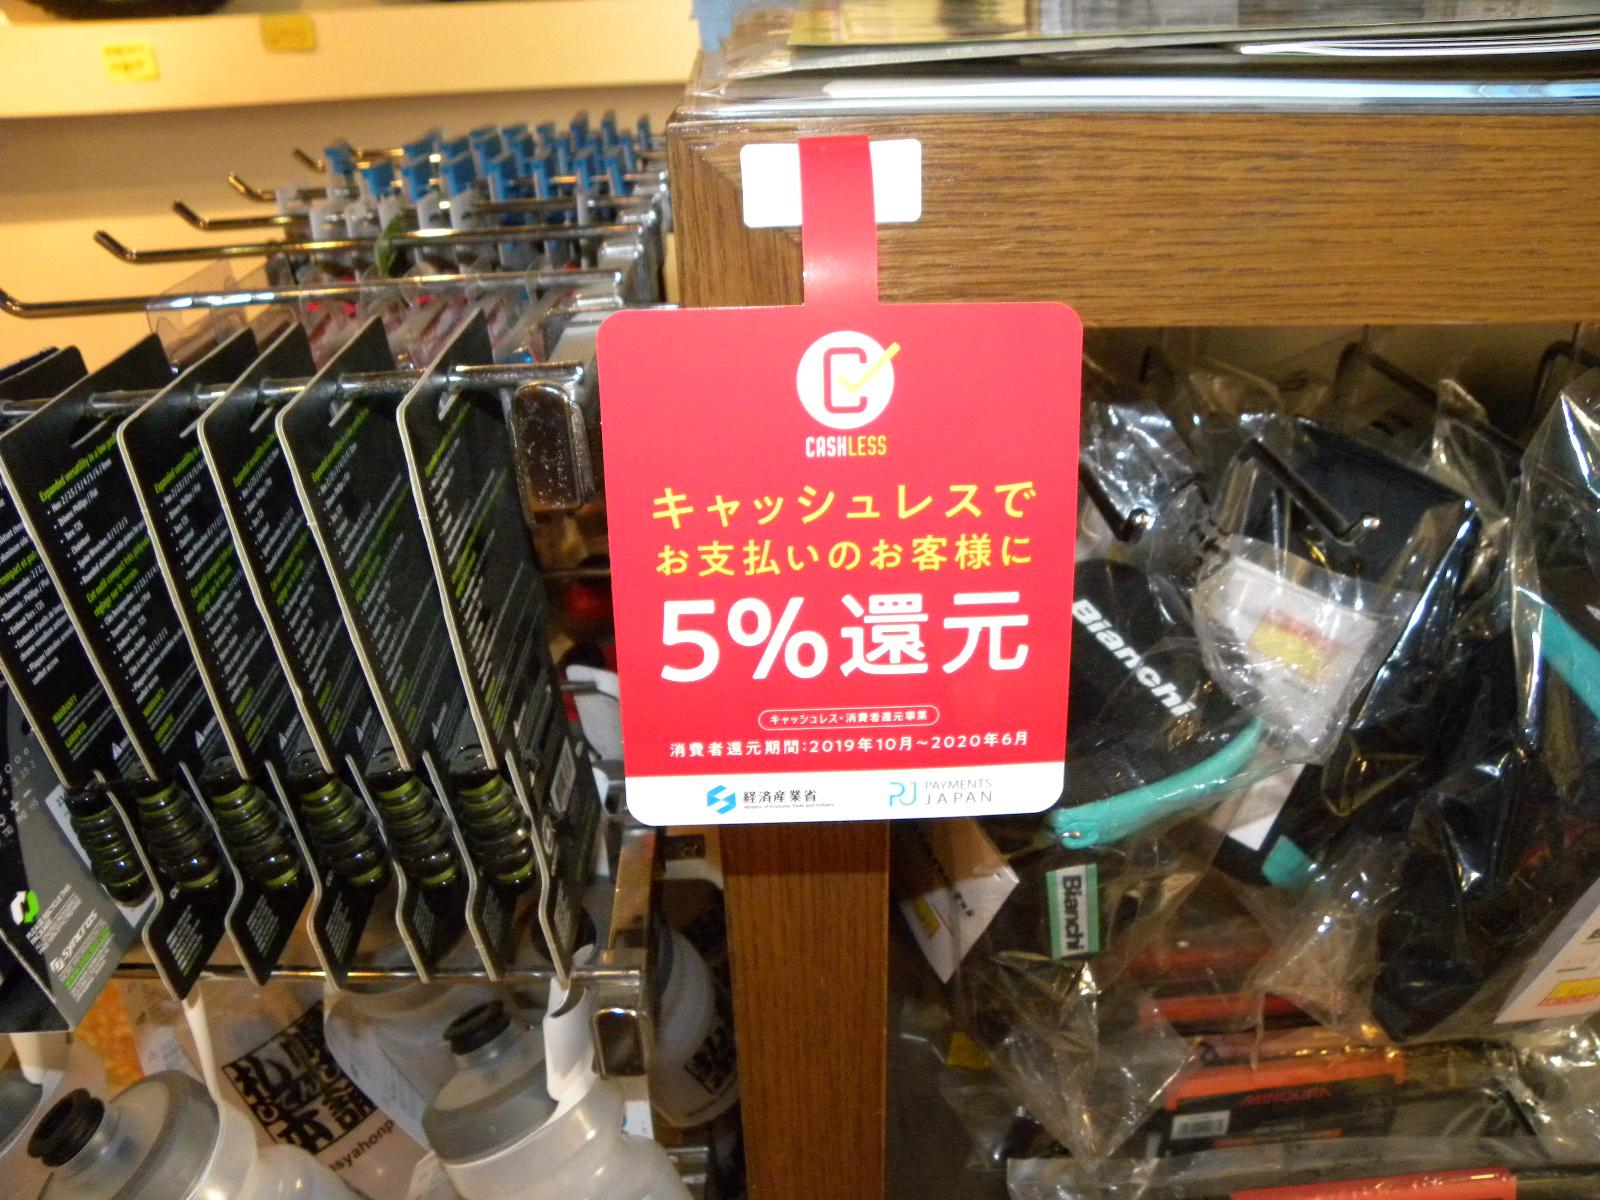 当店キャッシュレス5%ポイント還元の対象店舗です!